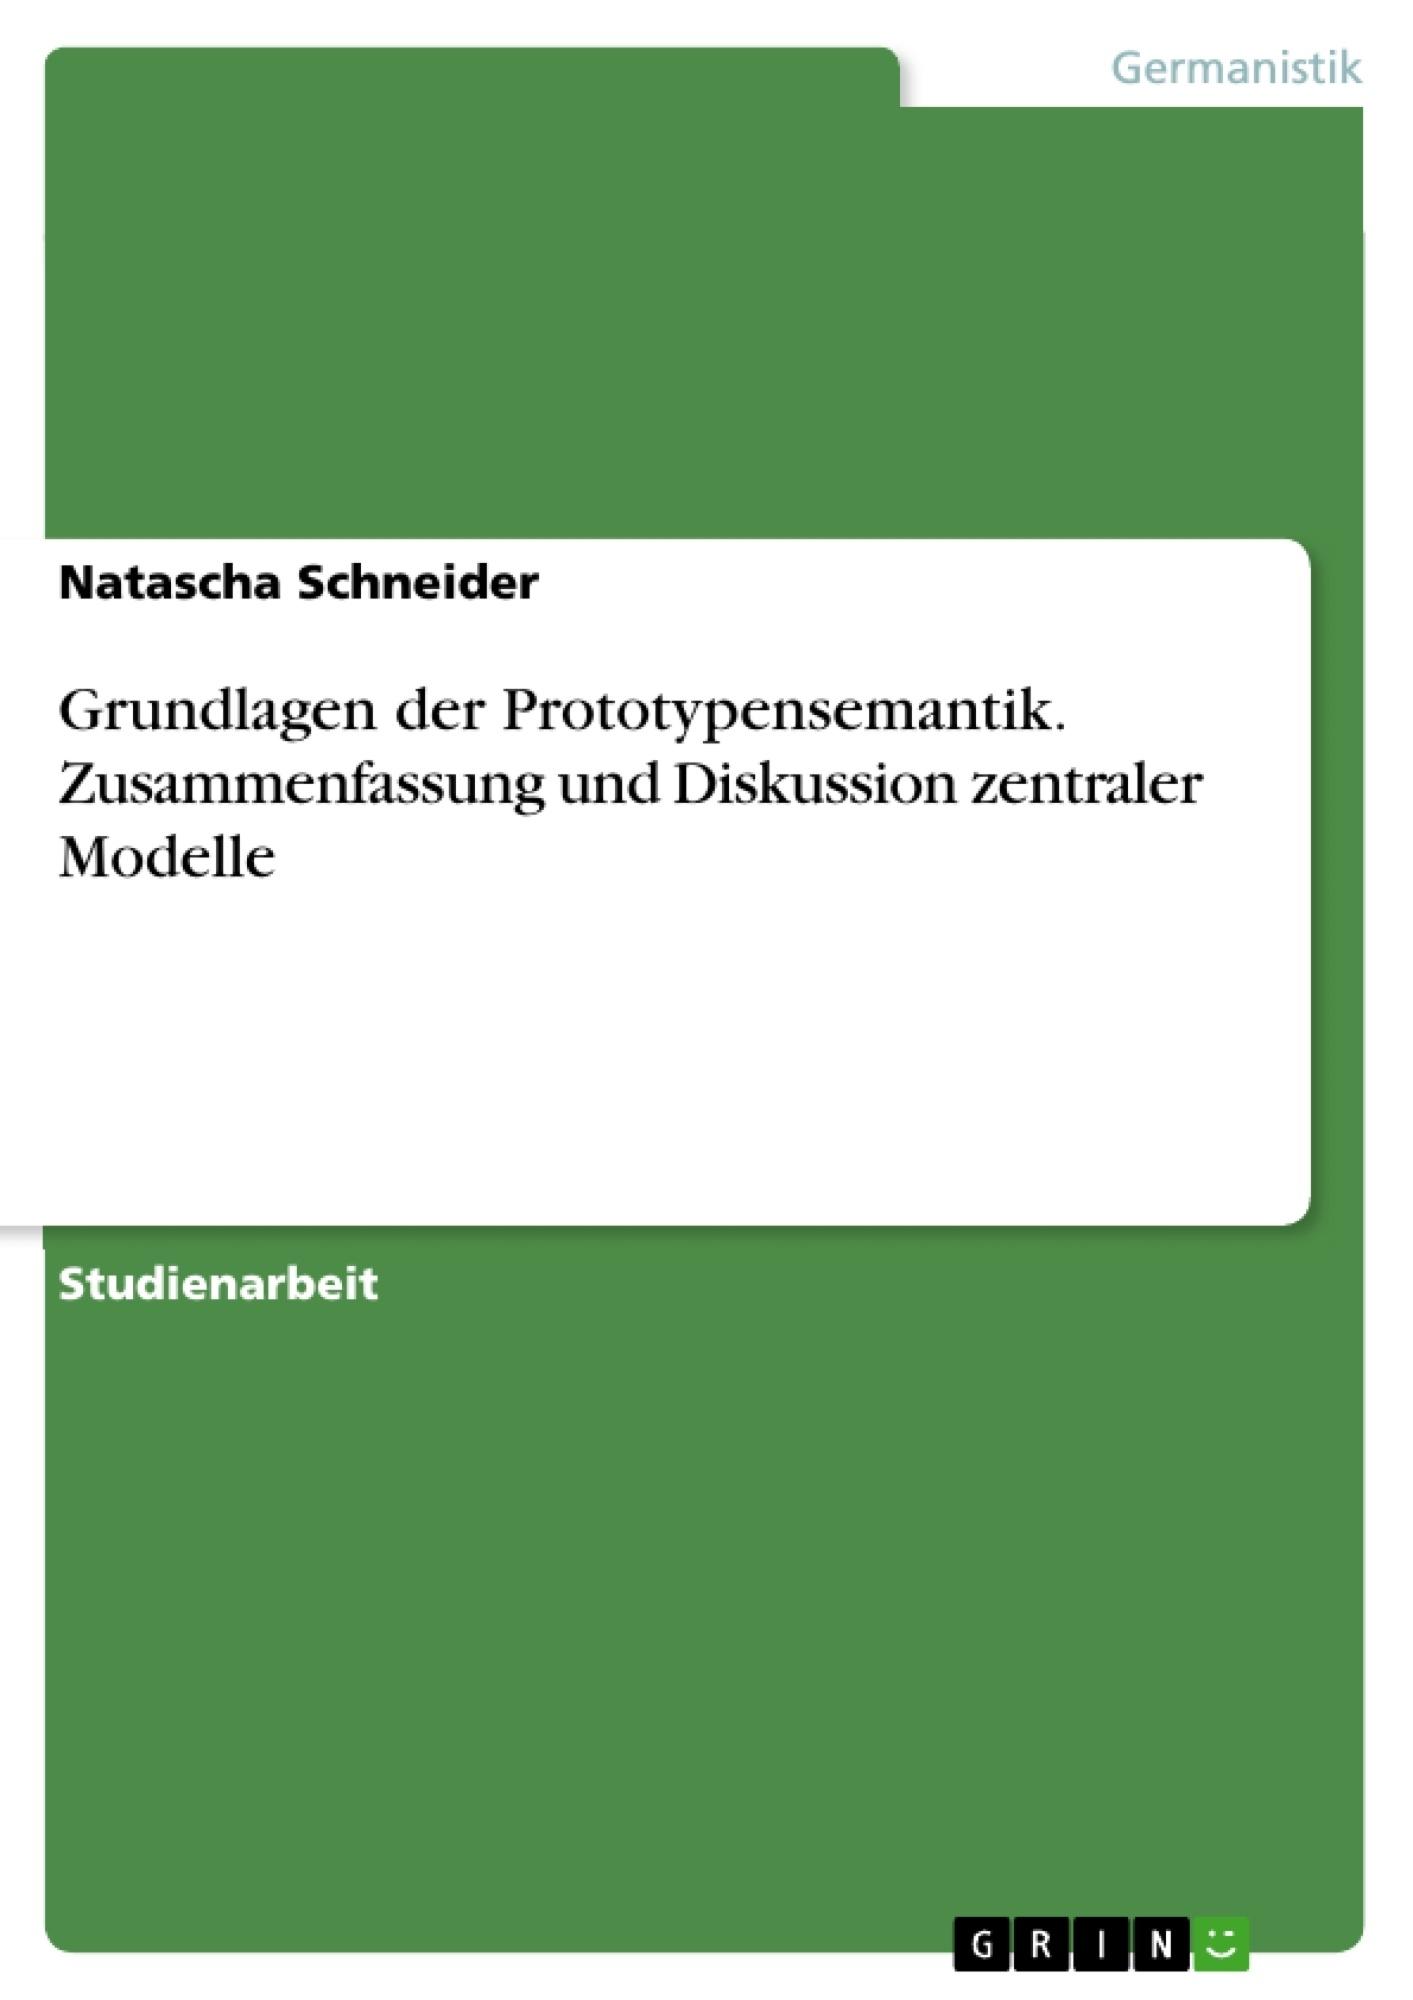 Titel: Grundlagen der Prototypensemantik. Zusammenfassung und Diskussion zentraler Modelle